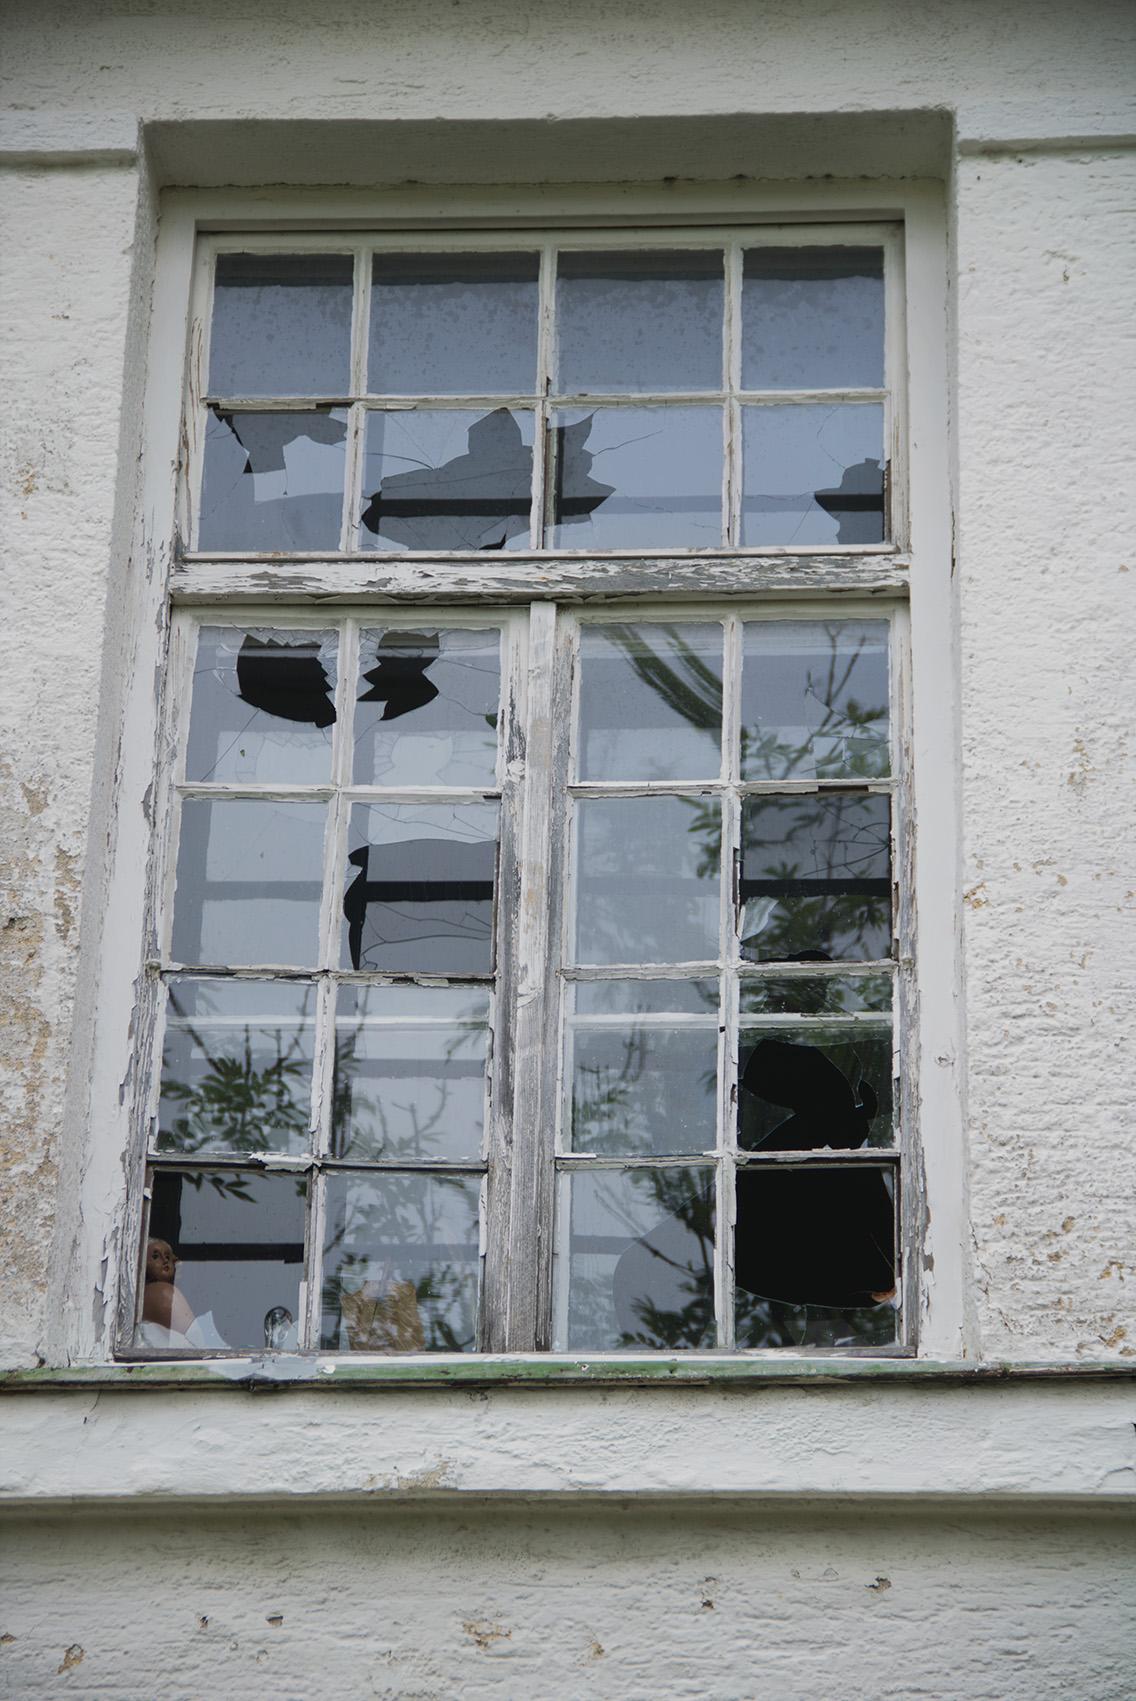 Hagel zerschlug auch die Fenster